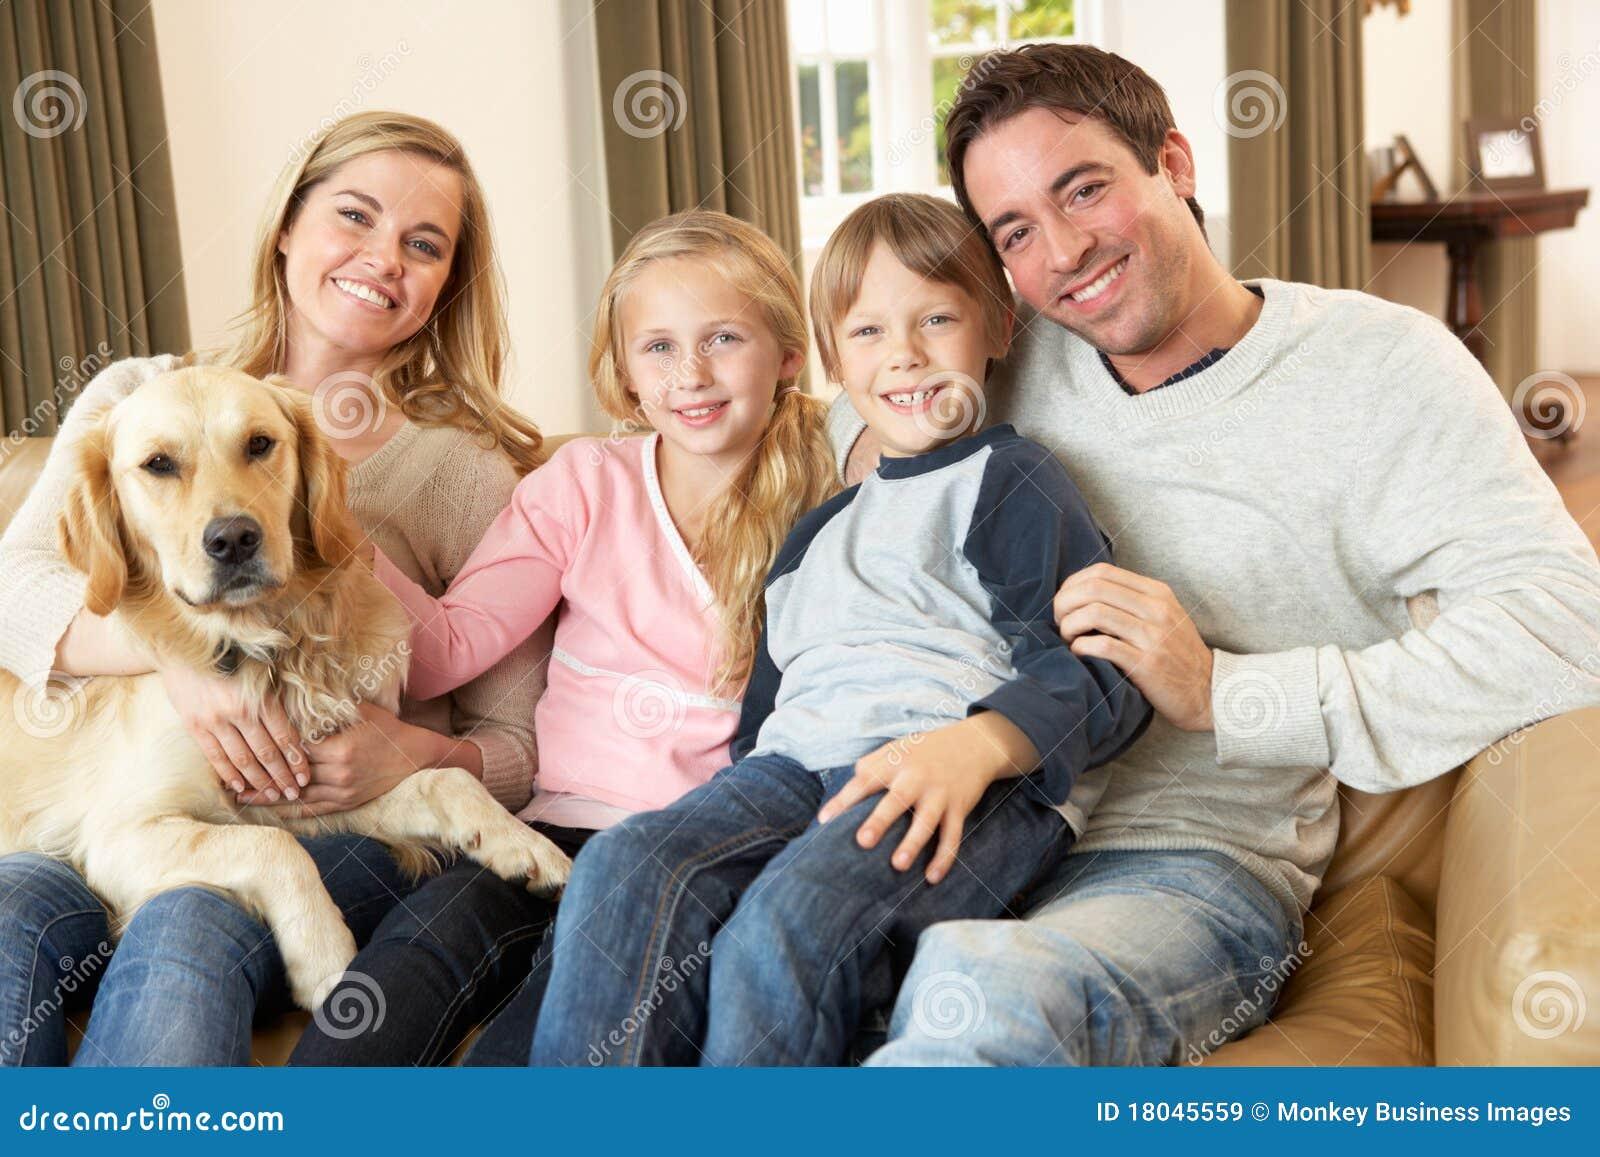 Ευτυχής νέα οικογενειακή συνεδρίαση στον καναπέ που κρατά ένα σκυλί